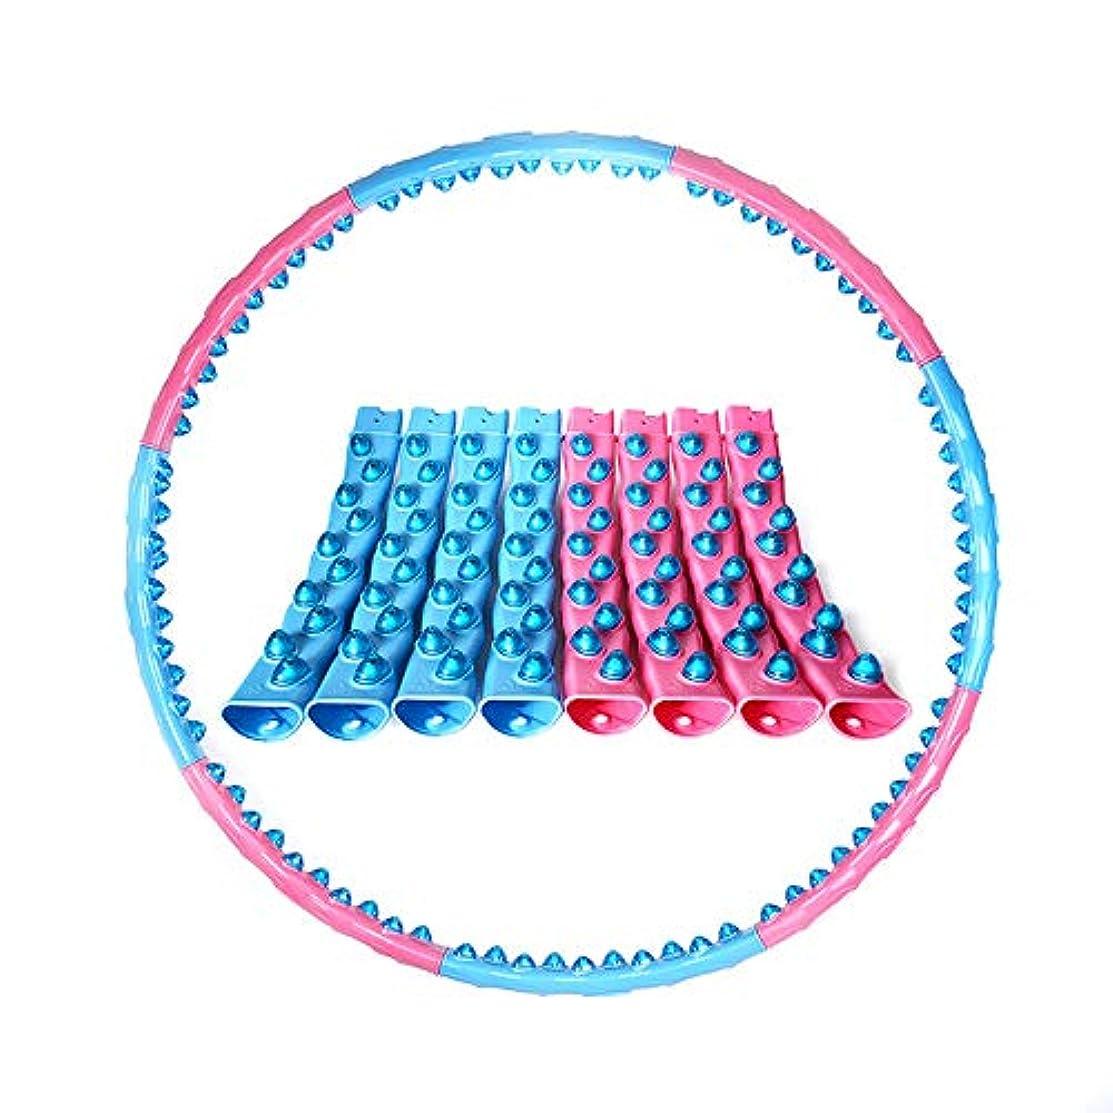 電気技師バンバクテリアHealth care フラフープマッサージボールデュアル磁気ボールフィットネスエクササイズマッサージ理学療法腹部チューブ8ピース、1.48Kg